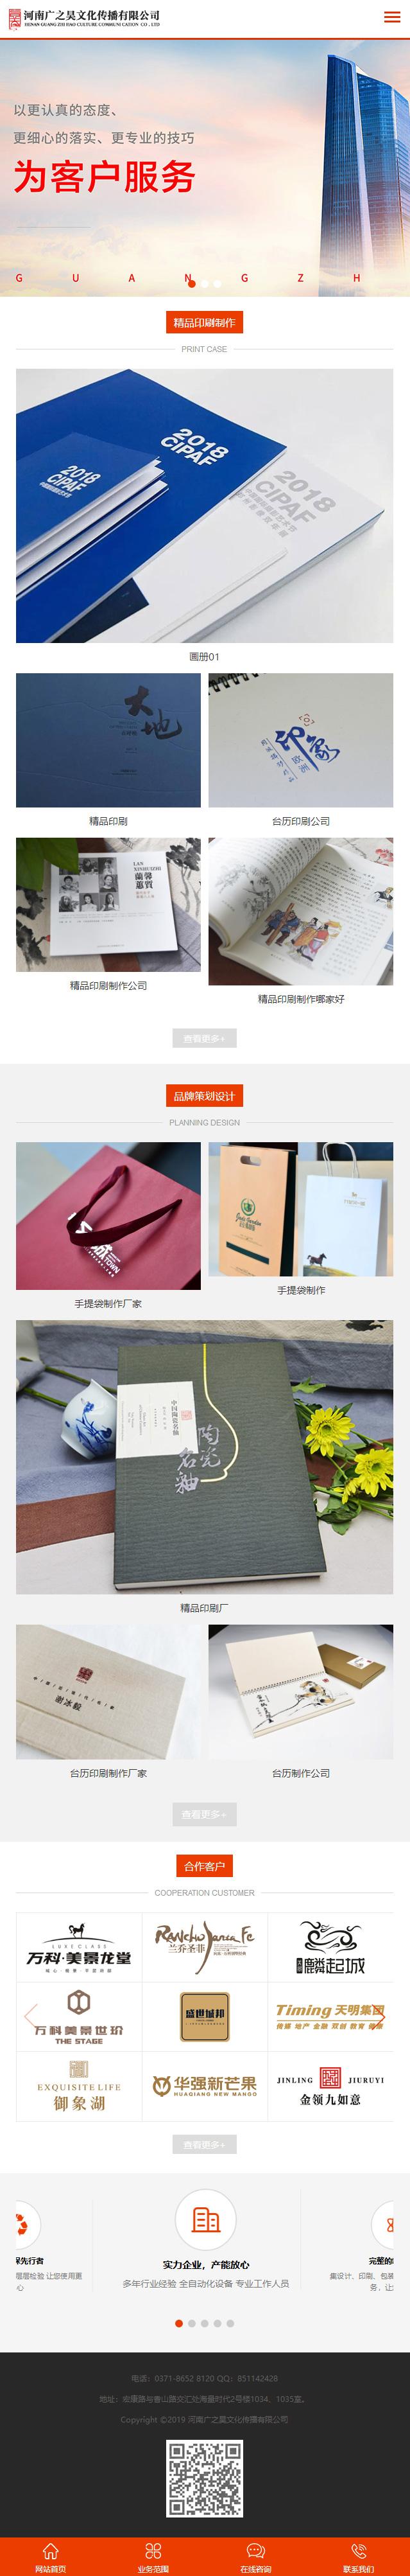 印刷行业网站手机页面展示